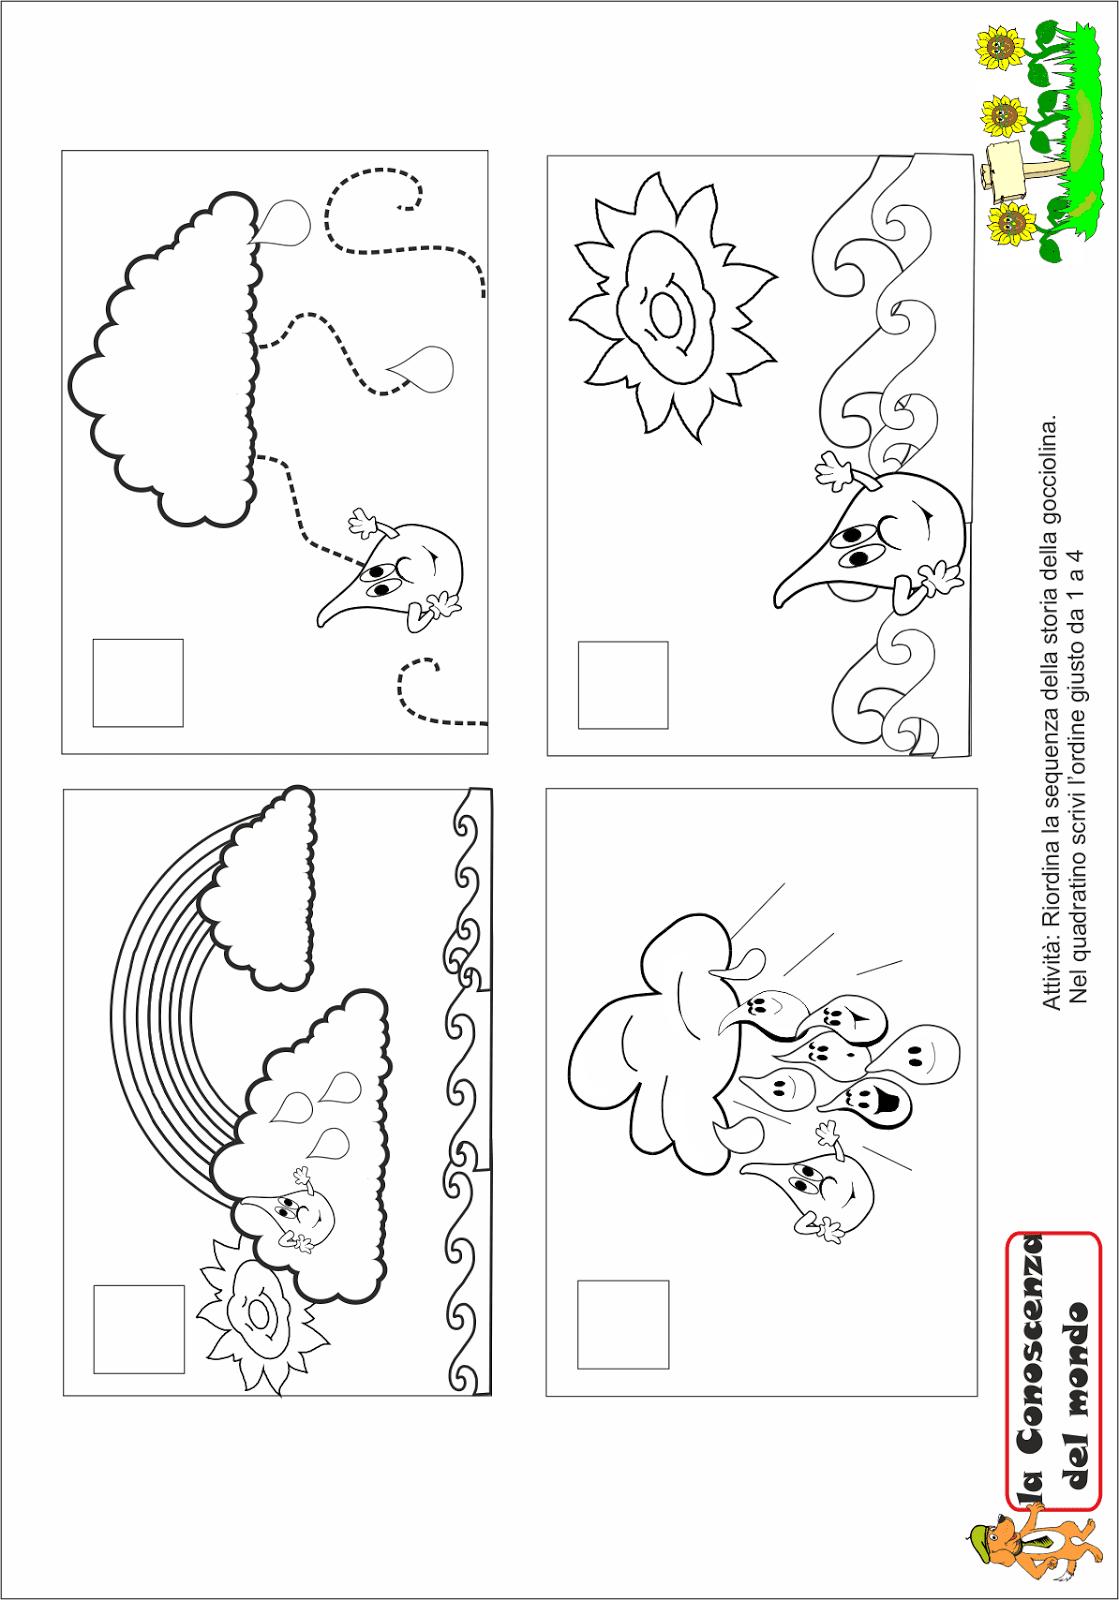 Amato A Scuola con Poldo: LA STORIA DELLA GOCCIOLINA D'ACQUA CD63